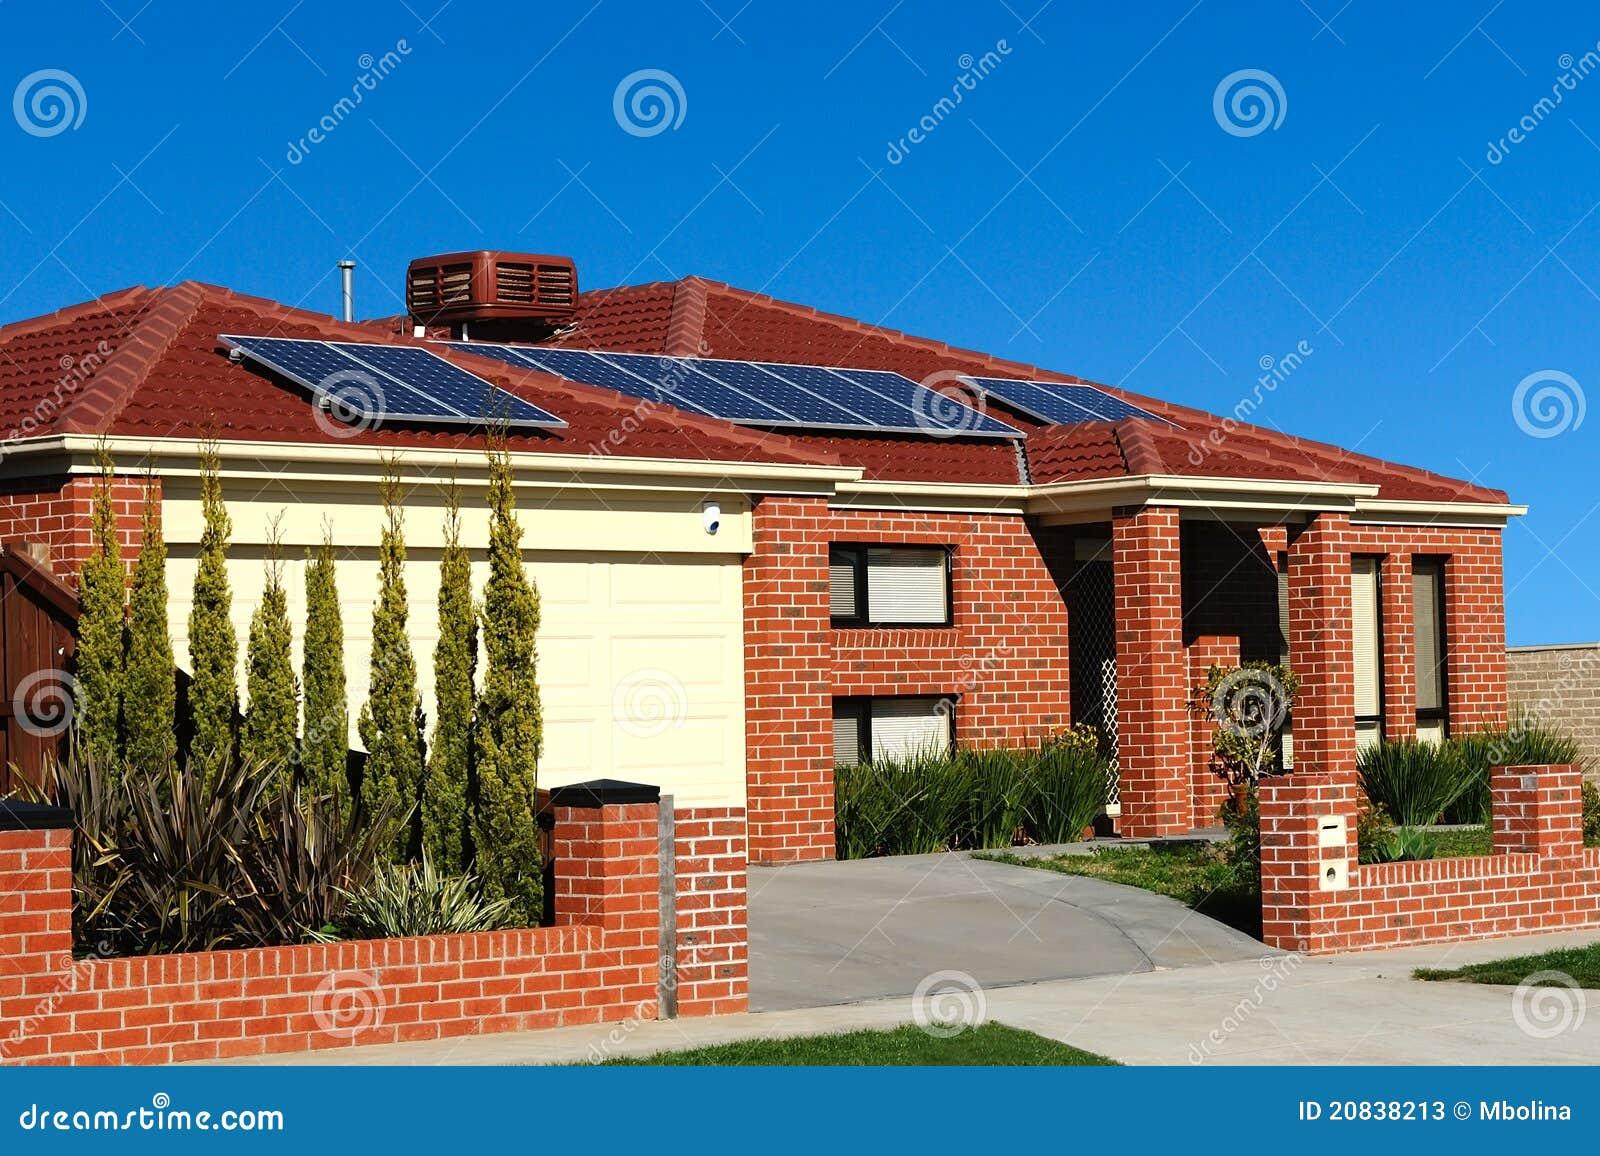 Casa con los paneles solares en la azotea imagen de - Paneles solares para abastecer una casa ...